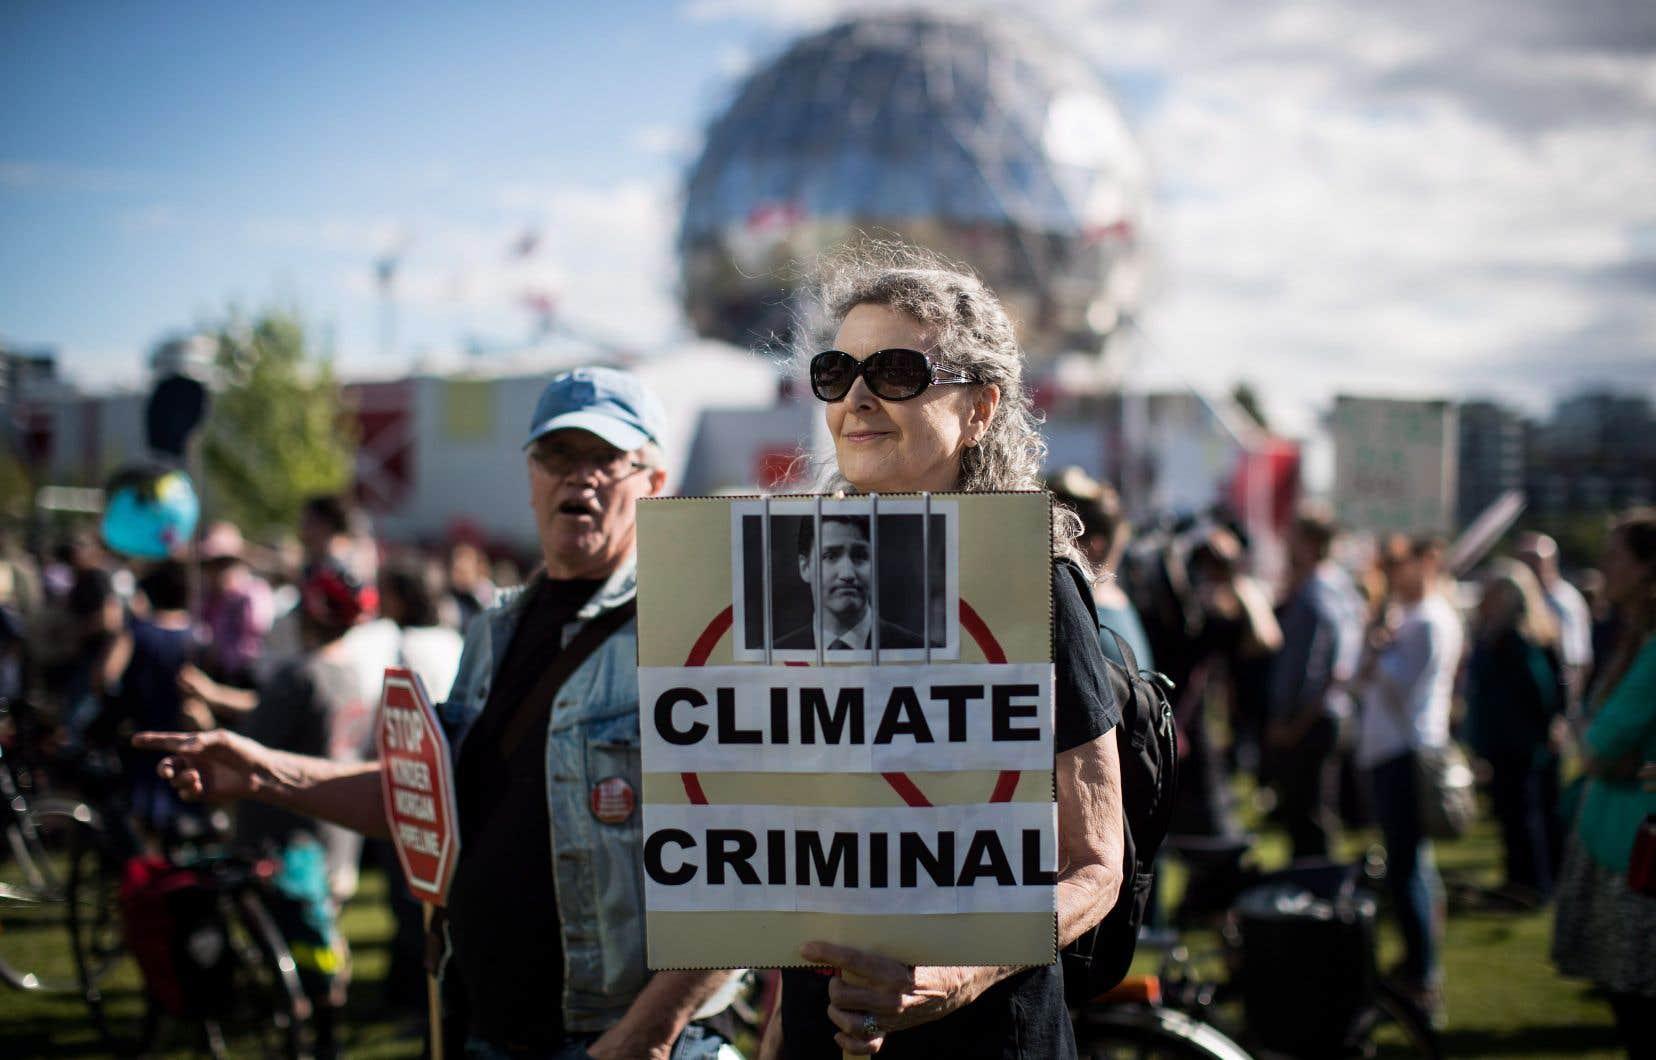 Donna Oleksiuk a démontré son opposition au projet d'agrandissement de l'oléoduc Trans Mountain, mardi, lors d'une manifestation à Vancouver.